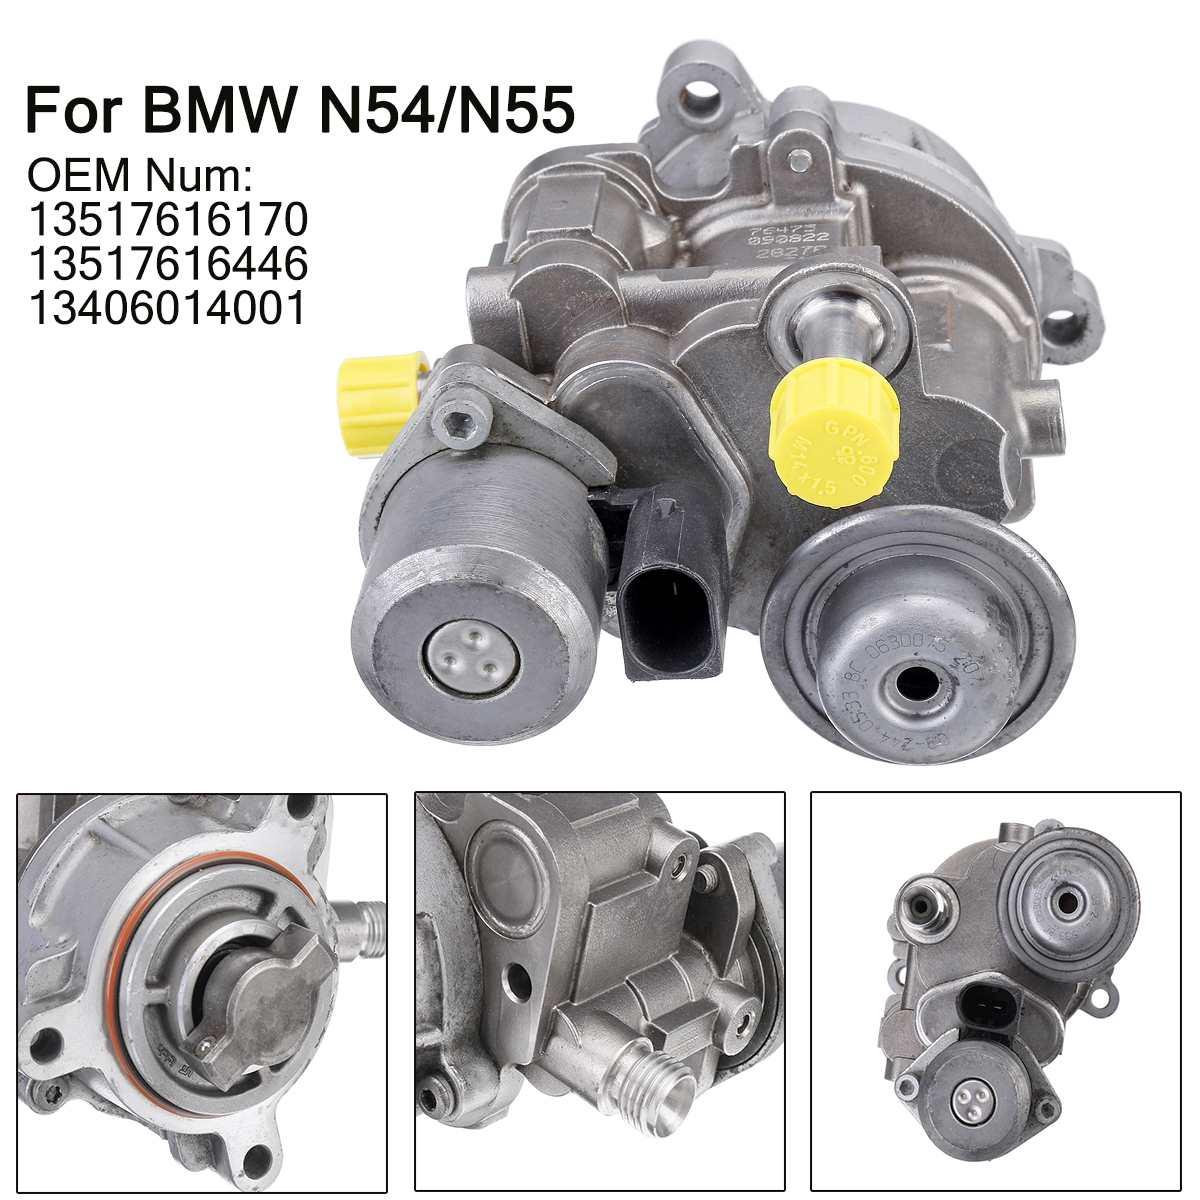 عالية مضخة الوقود المضغوط 13517616170 13517616446 13406014001 ل BMW N54/N55